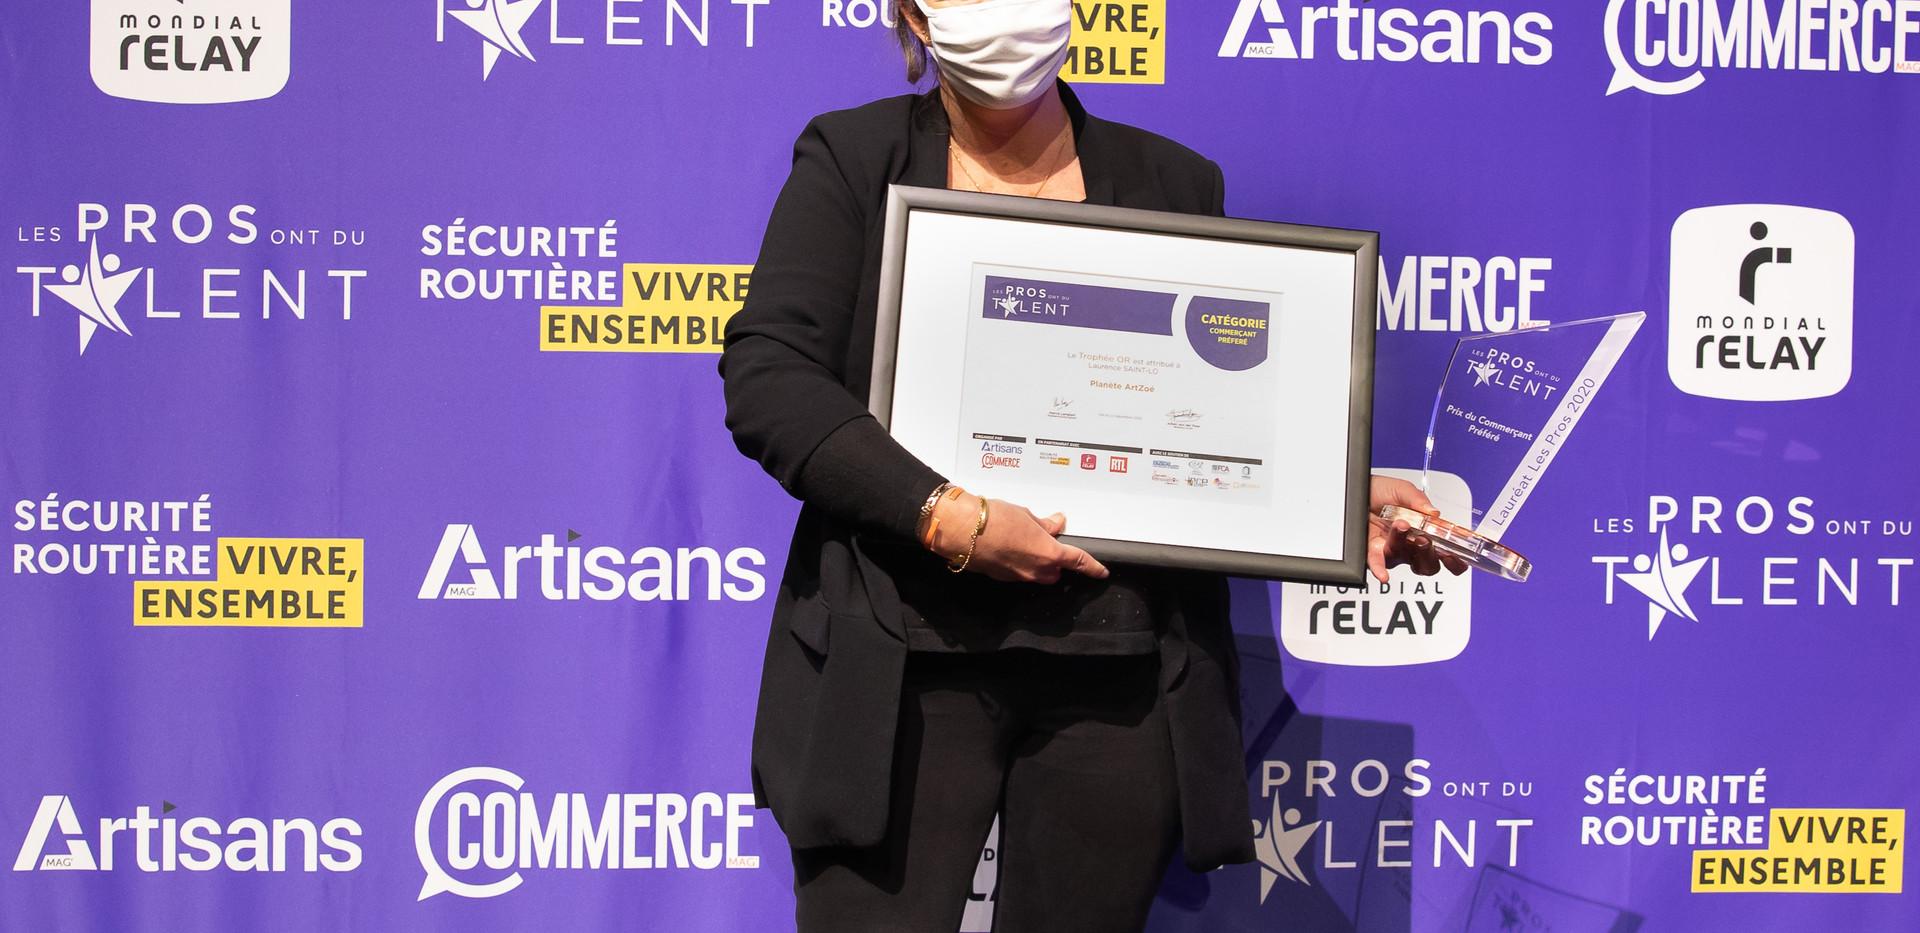 Smilzz_Les-Pros-ont-du-Talent_2020_00266